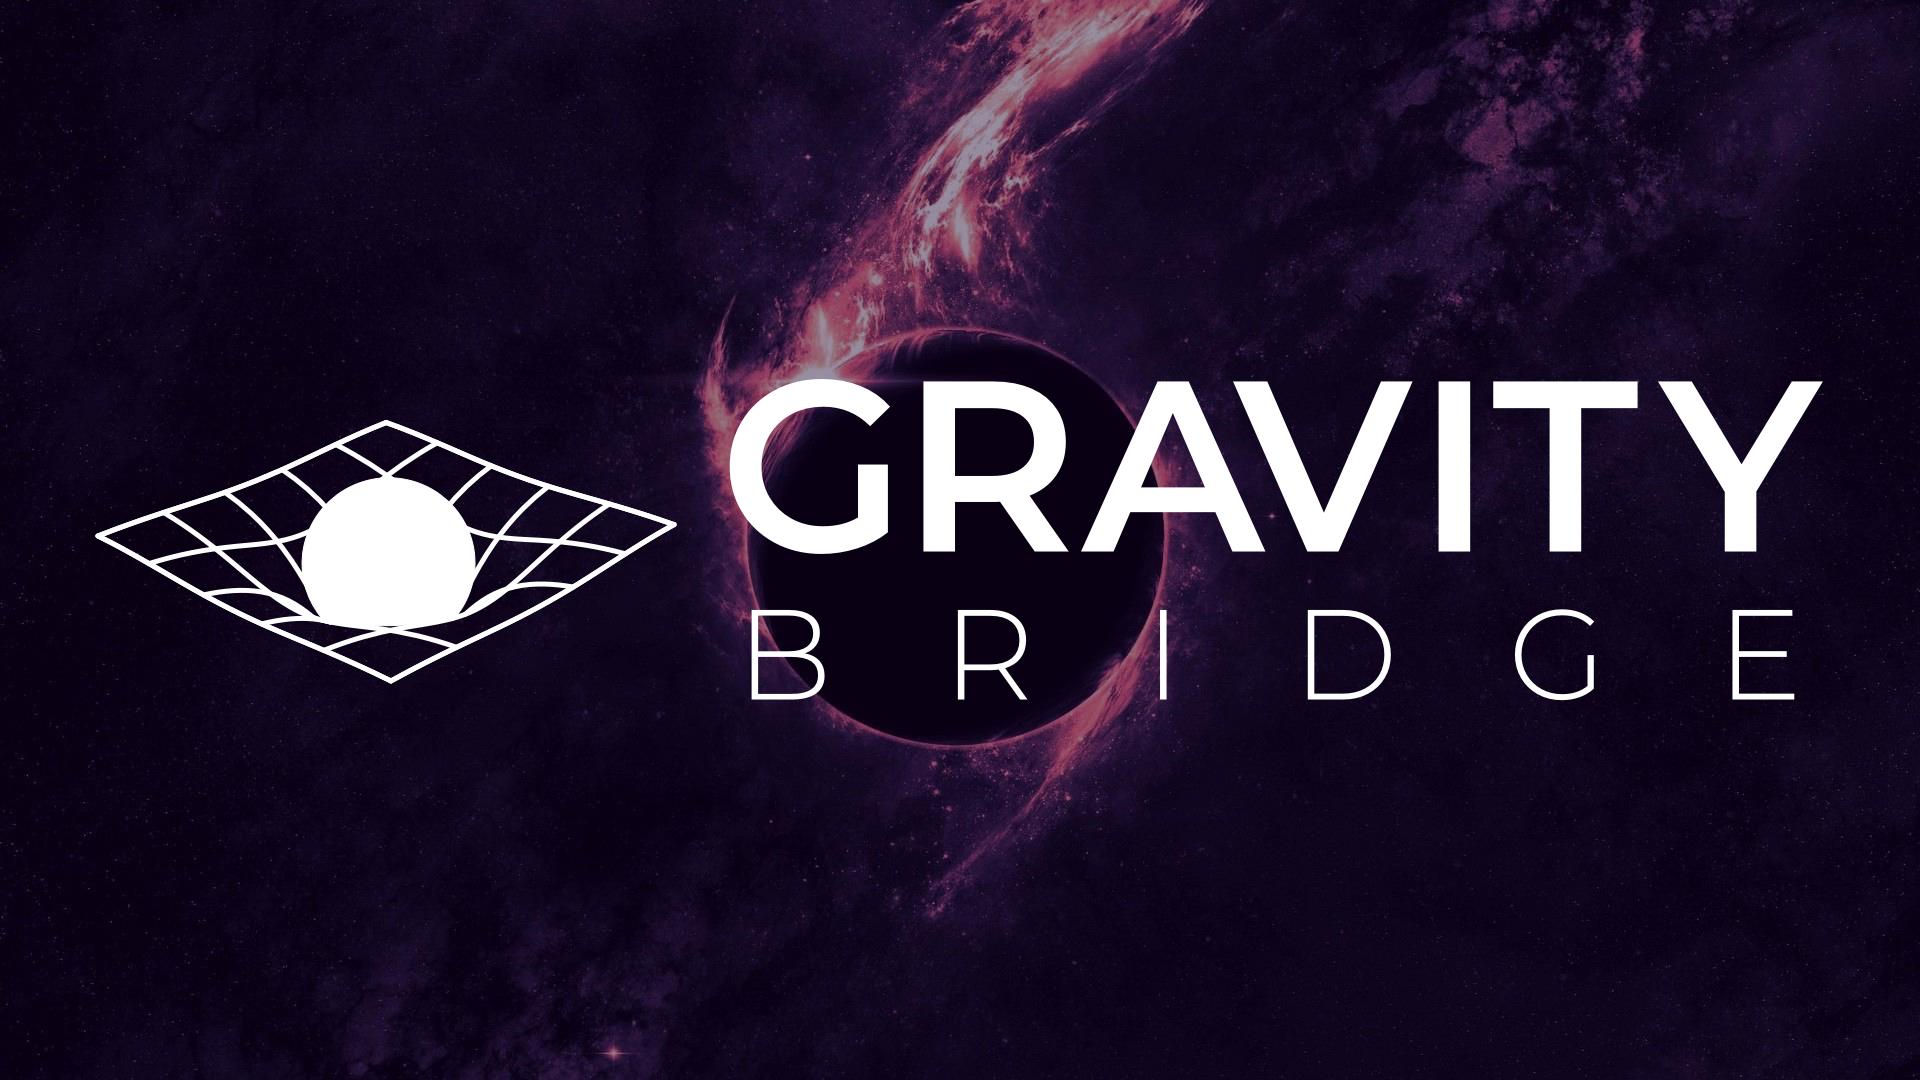 宇宙重力桥